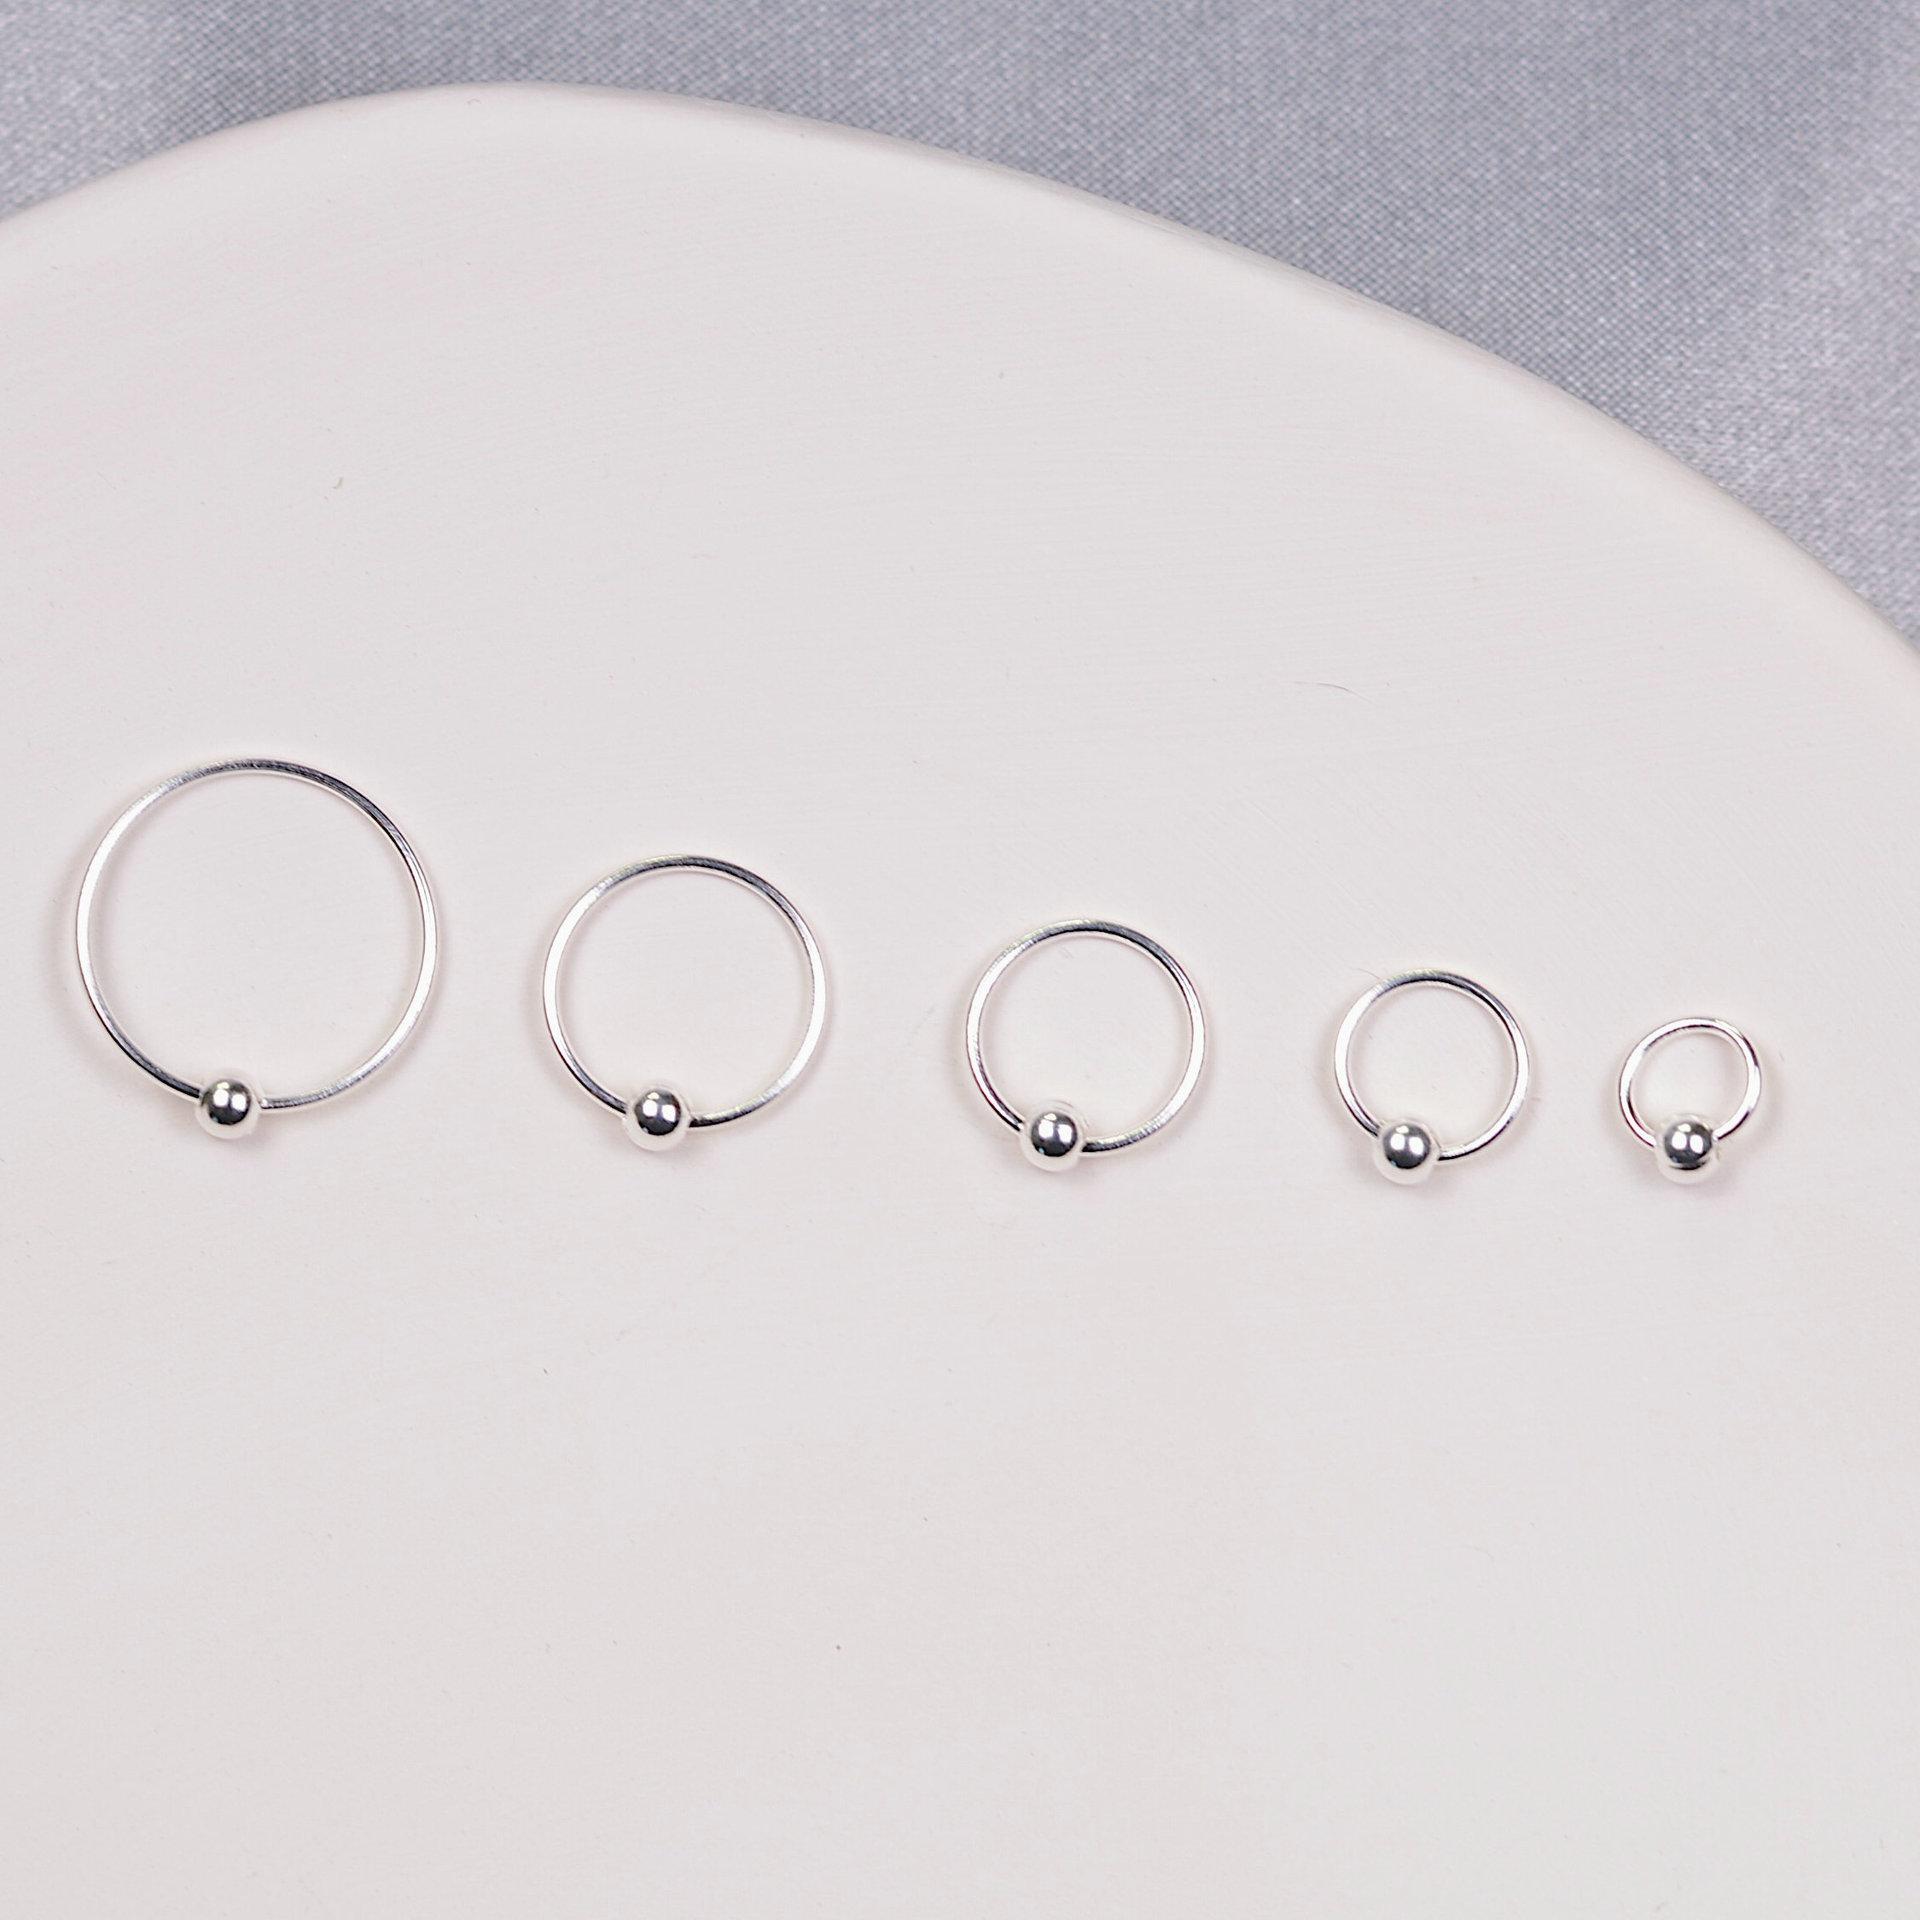 韩国韩版简约个性圆形小圆珠耳圈女ins风学生款小巧可爱耳环饰品